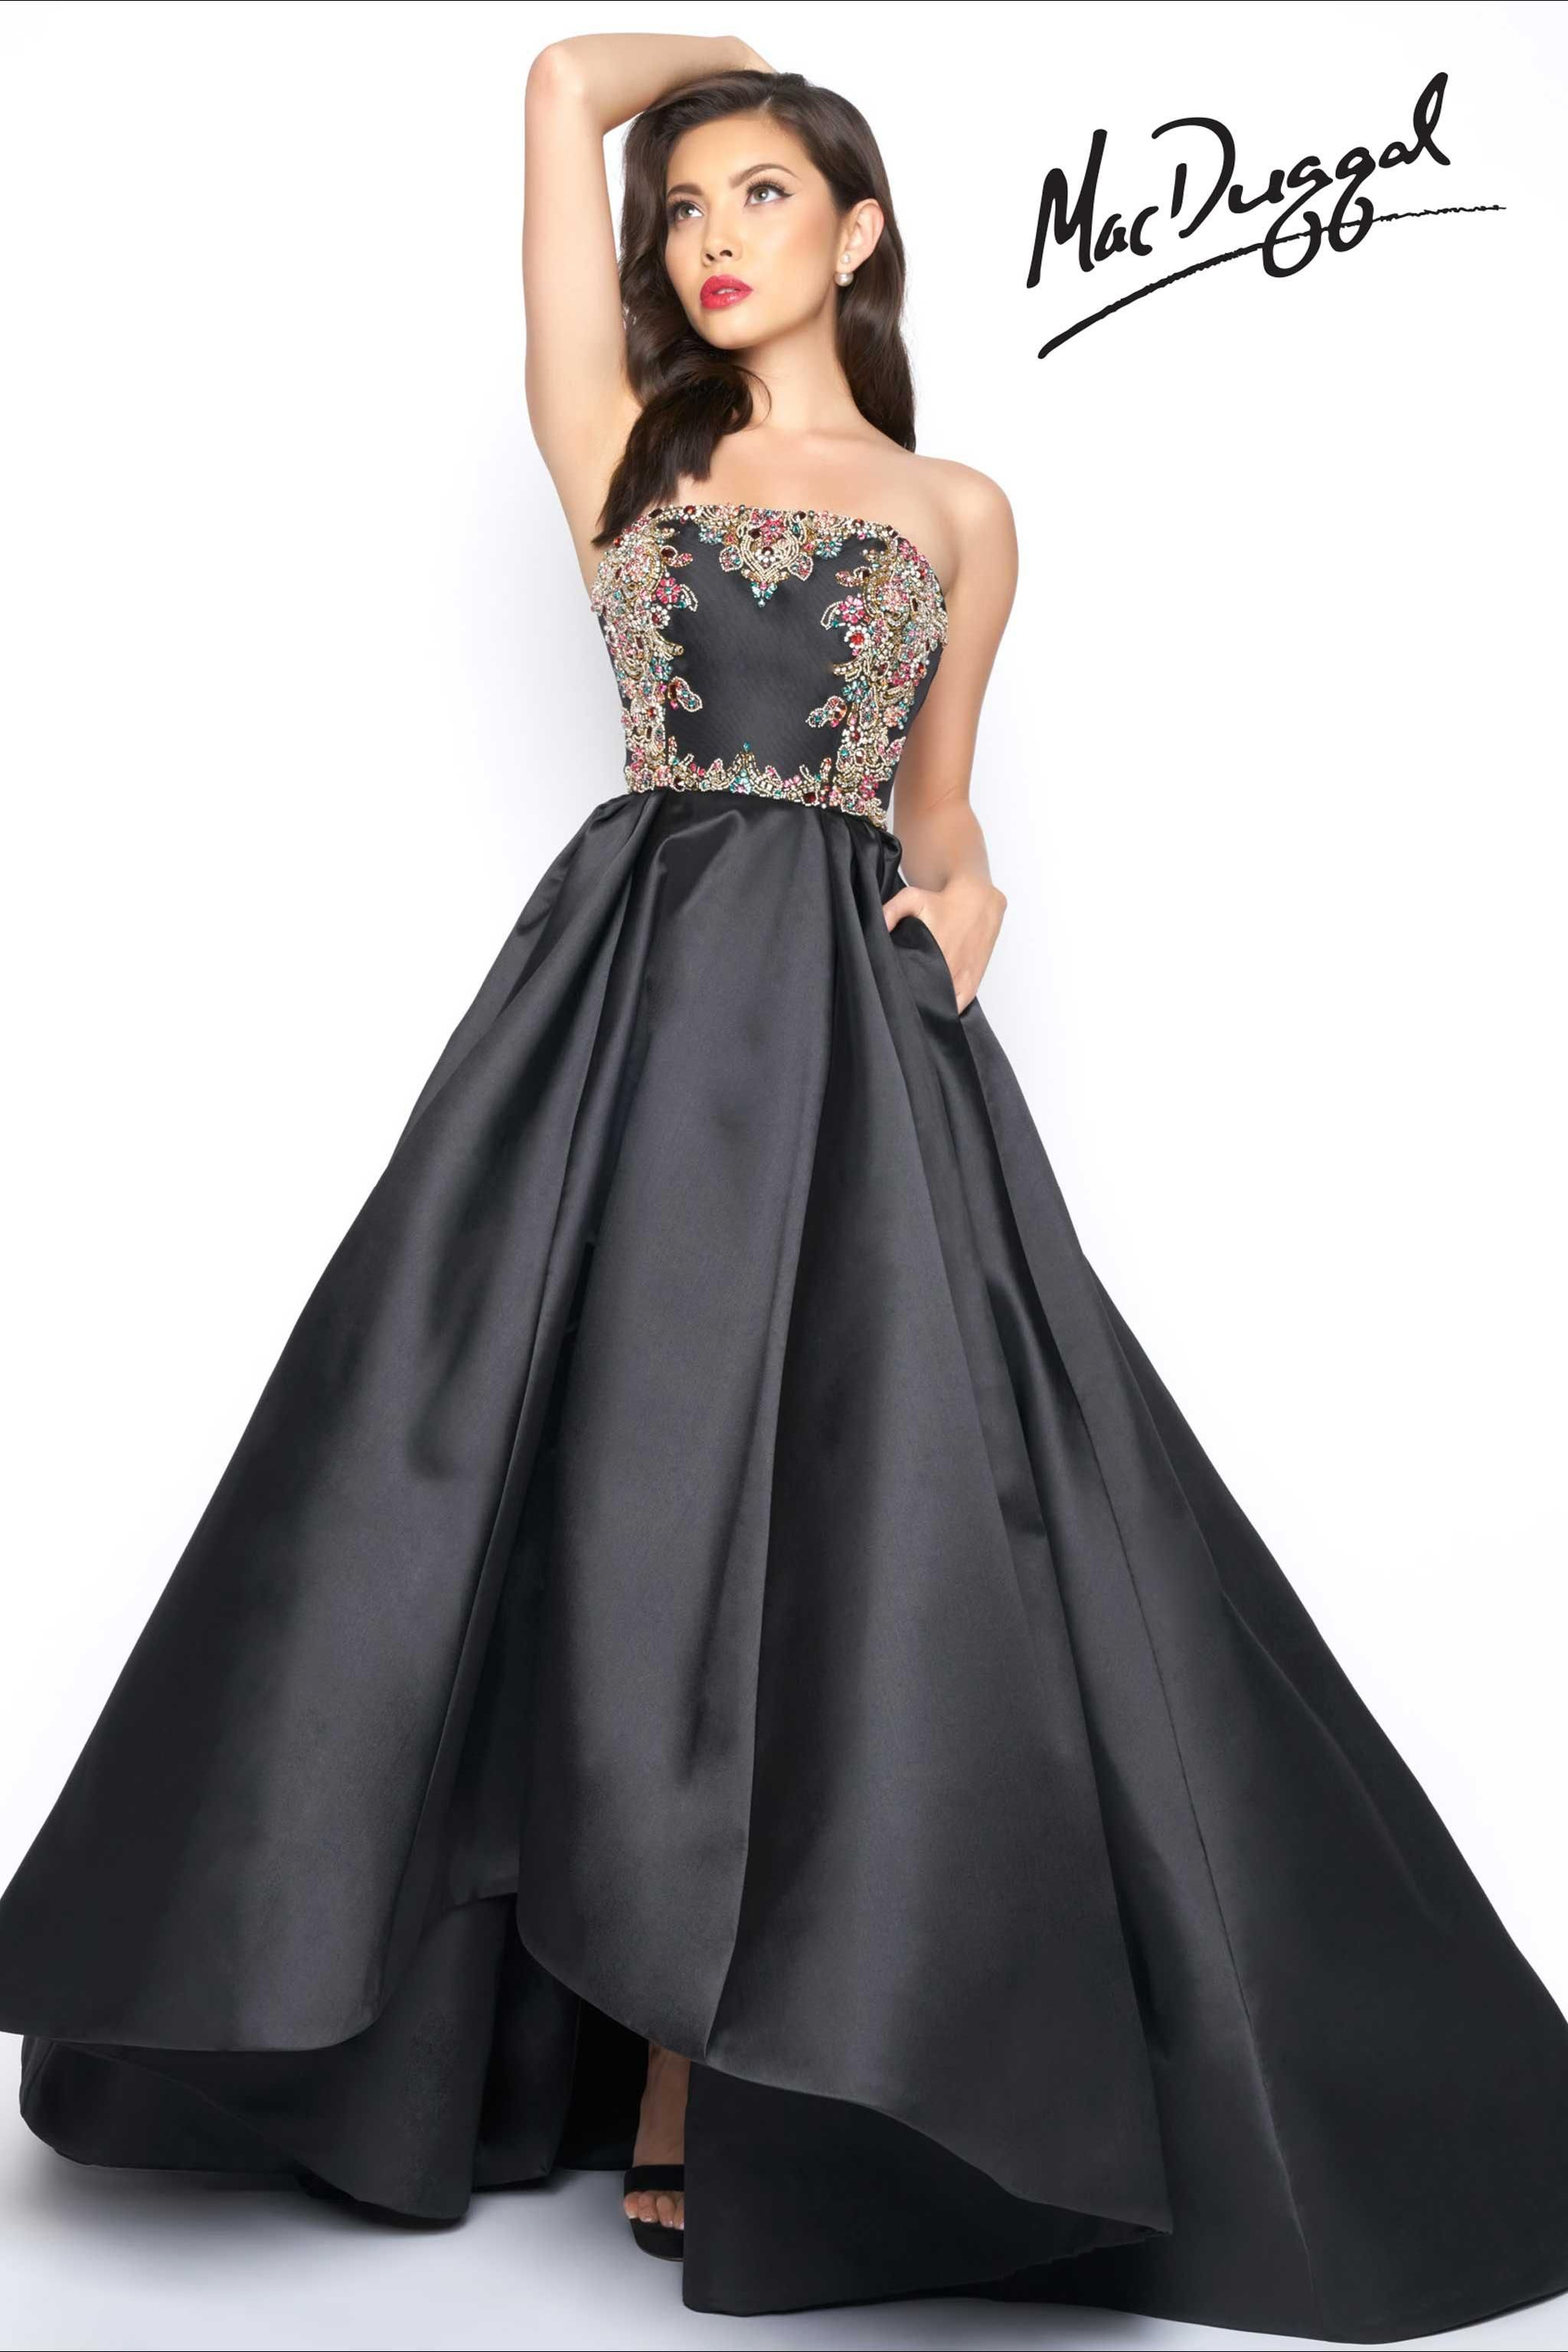 black formal gown | Halee | Pinterest | Black formal gown, Formal ...